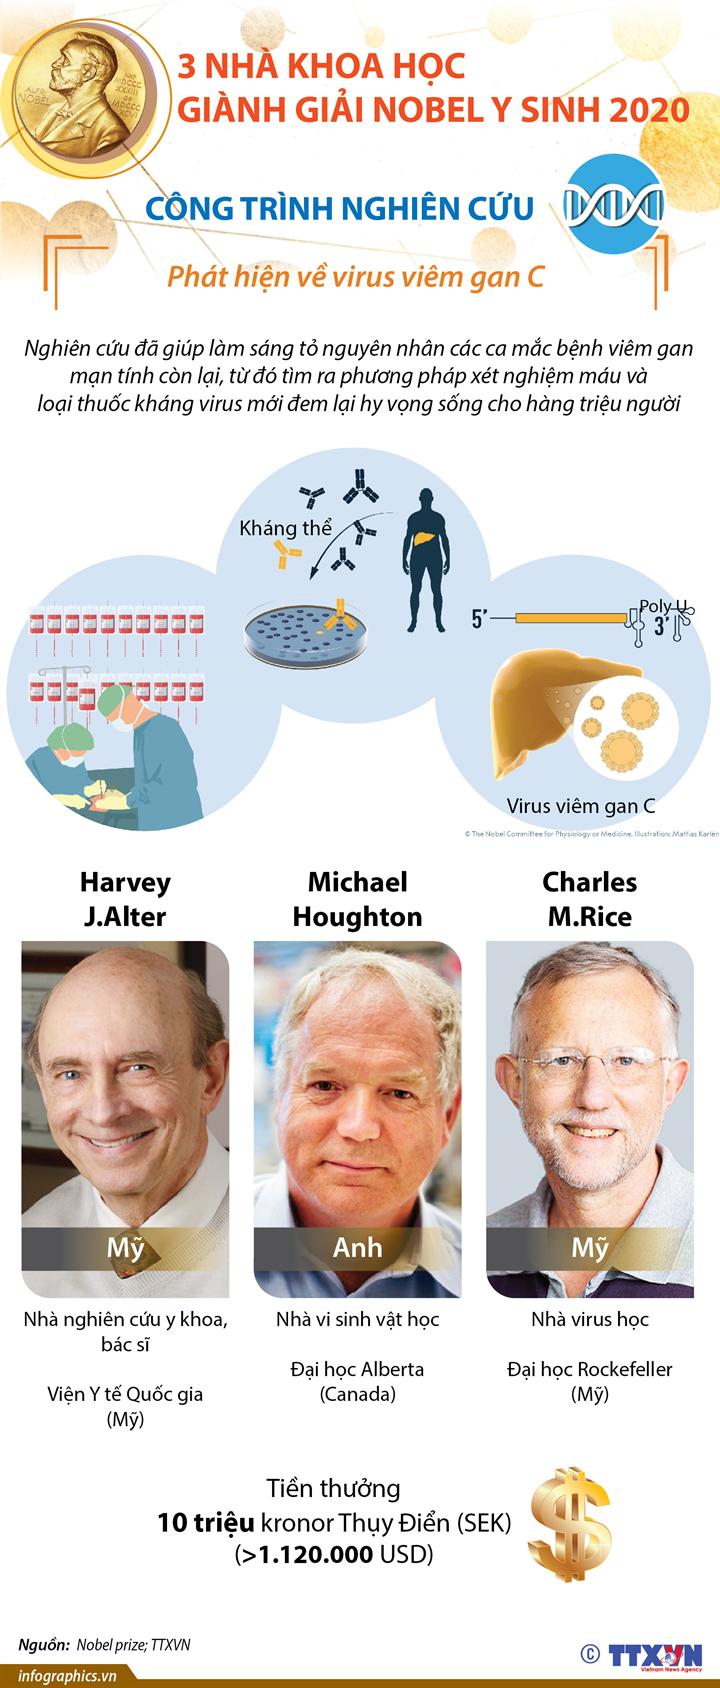 3 nhà khoa học giành Giải Nobel Y sinh 2020